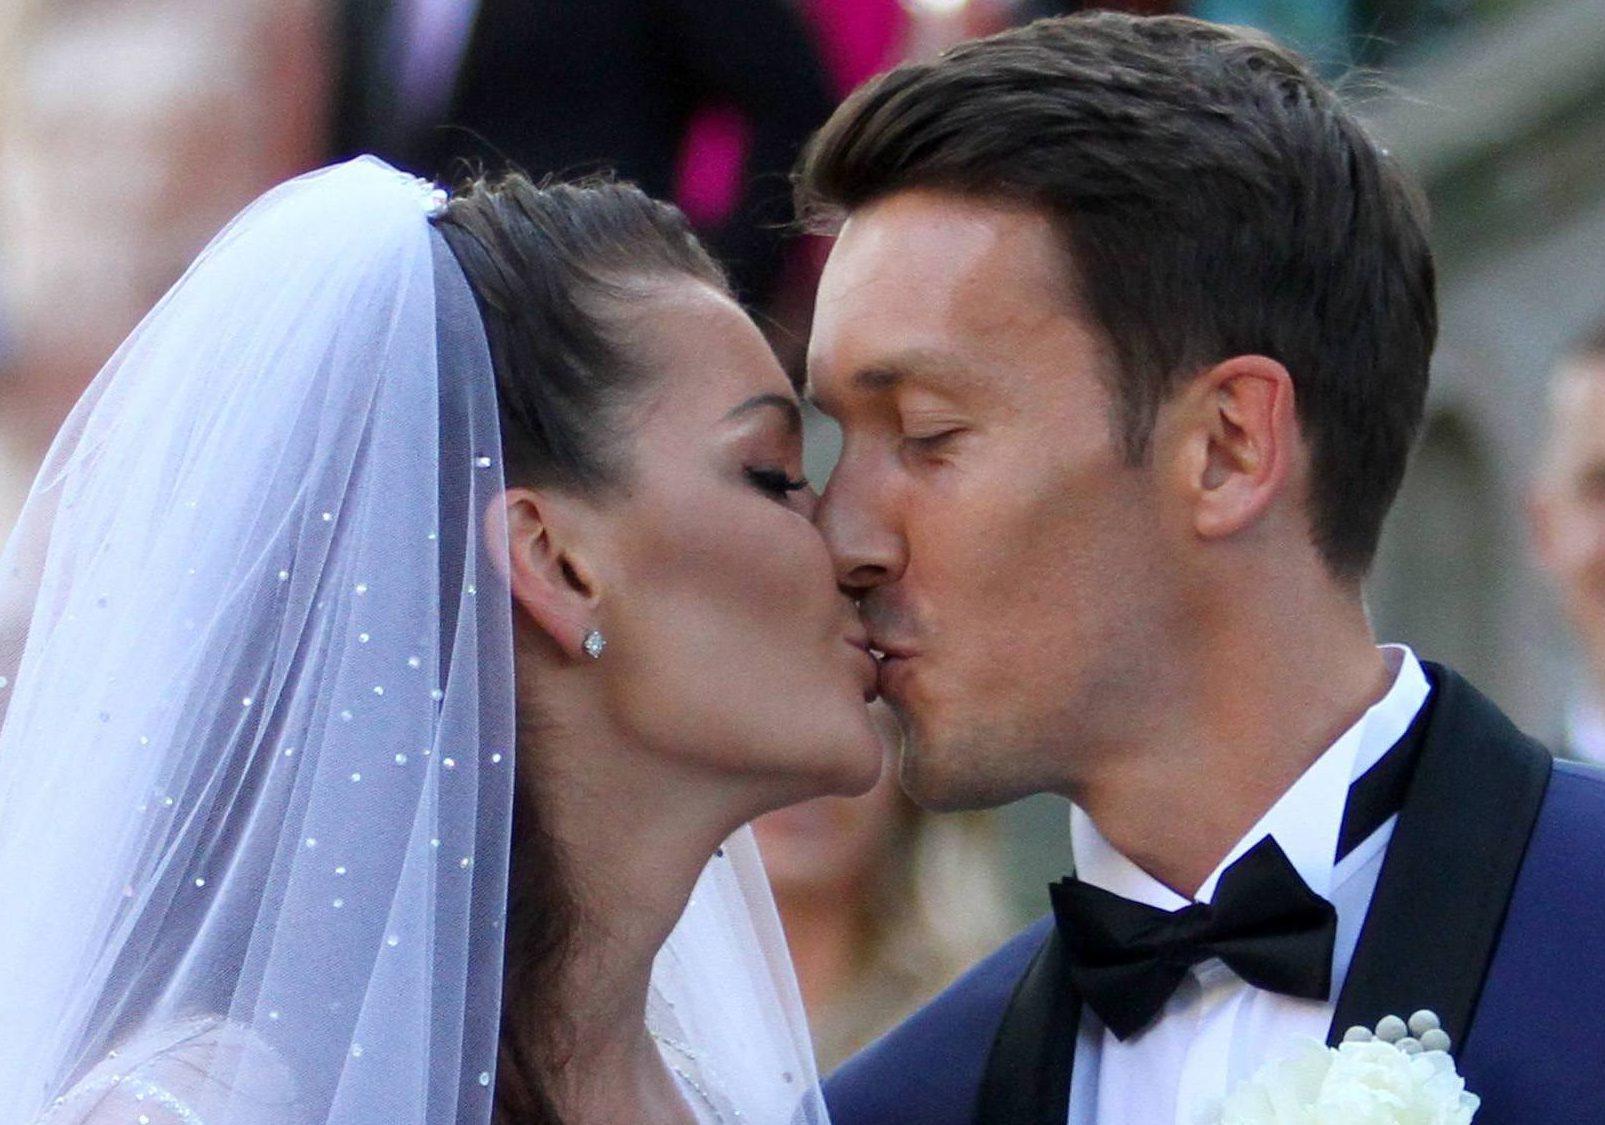 Agnieszka Radwanska s-a căsătorit. Wozniacki și Kerber au participat la…